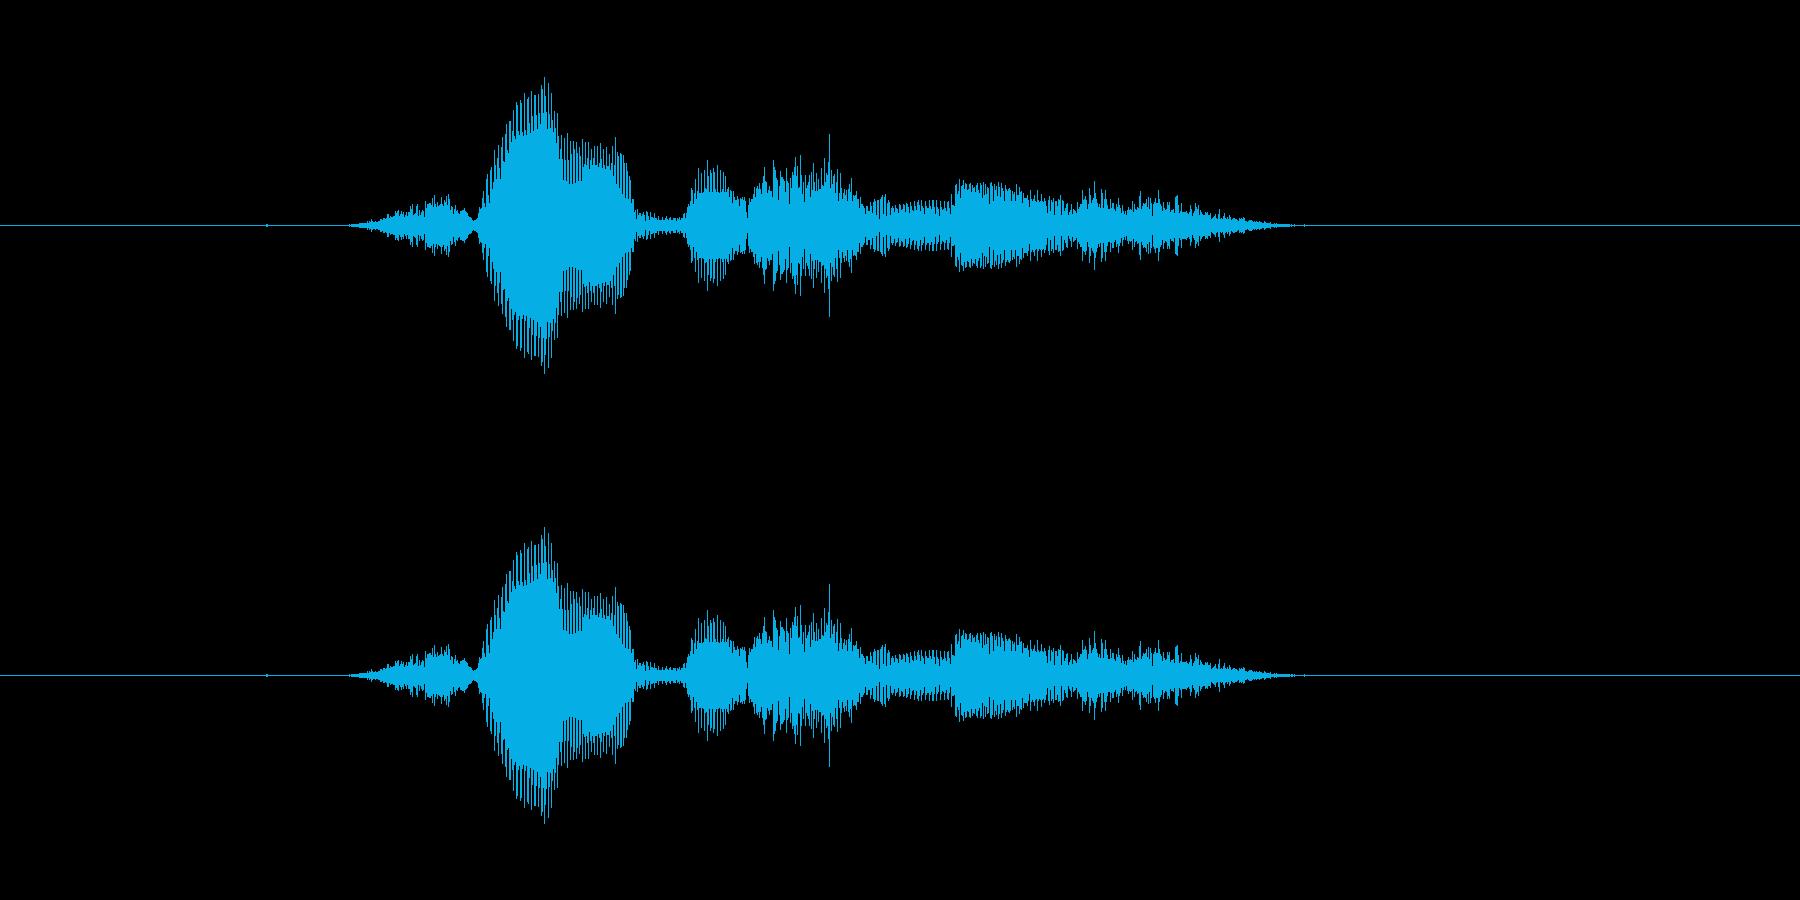 【システム】セーブします - 2の再生済みの波形